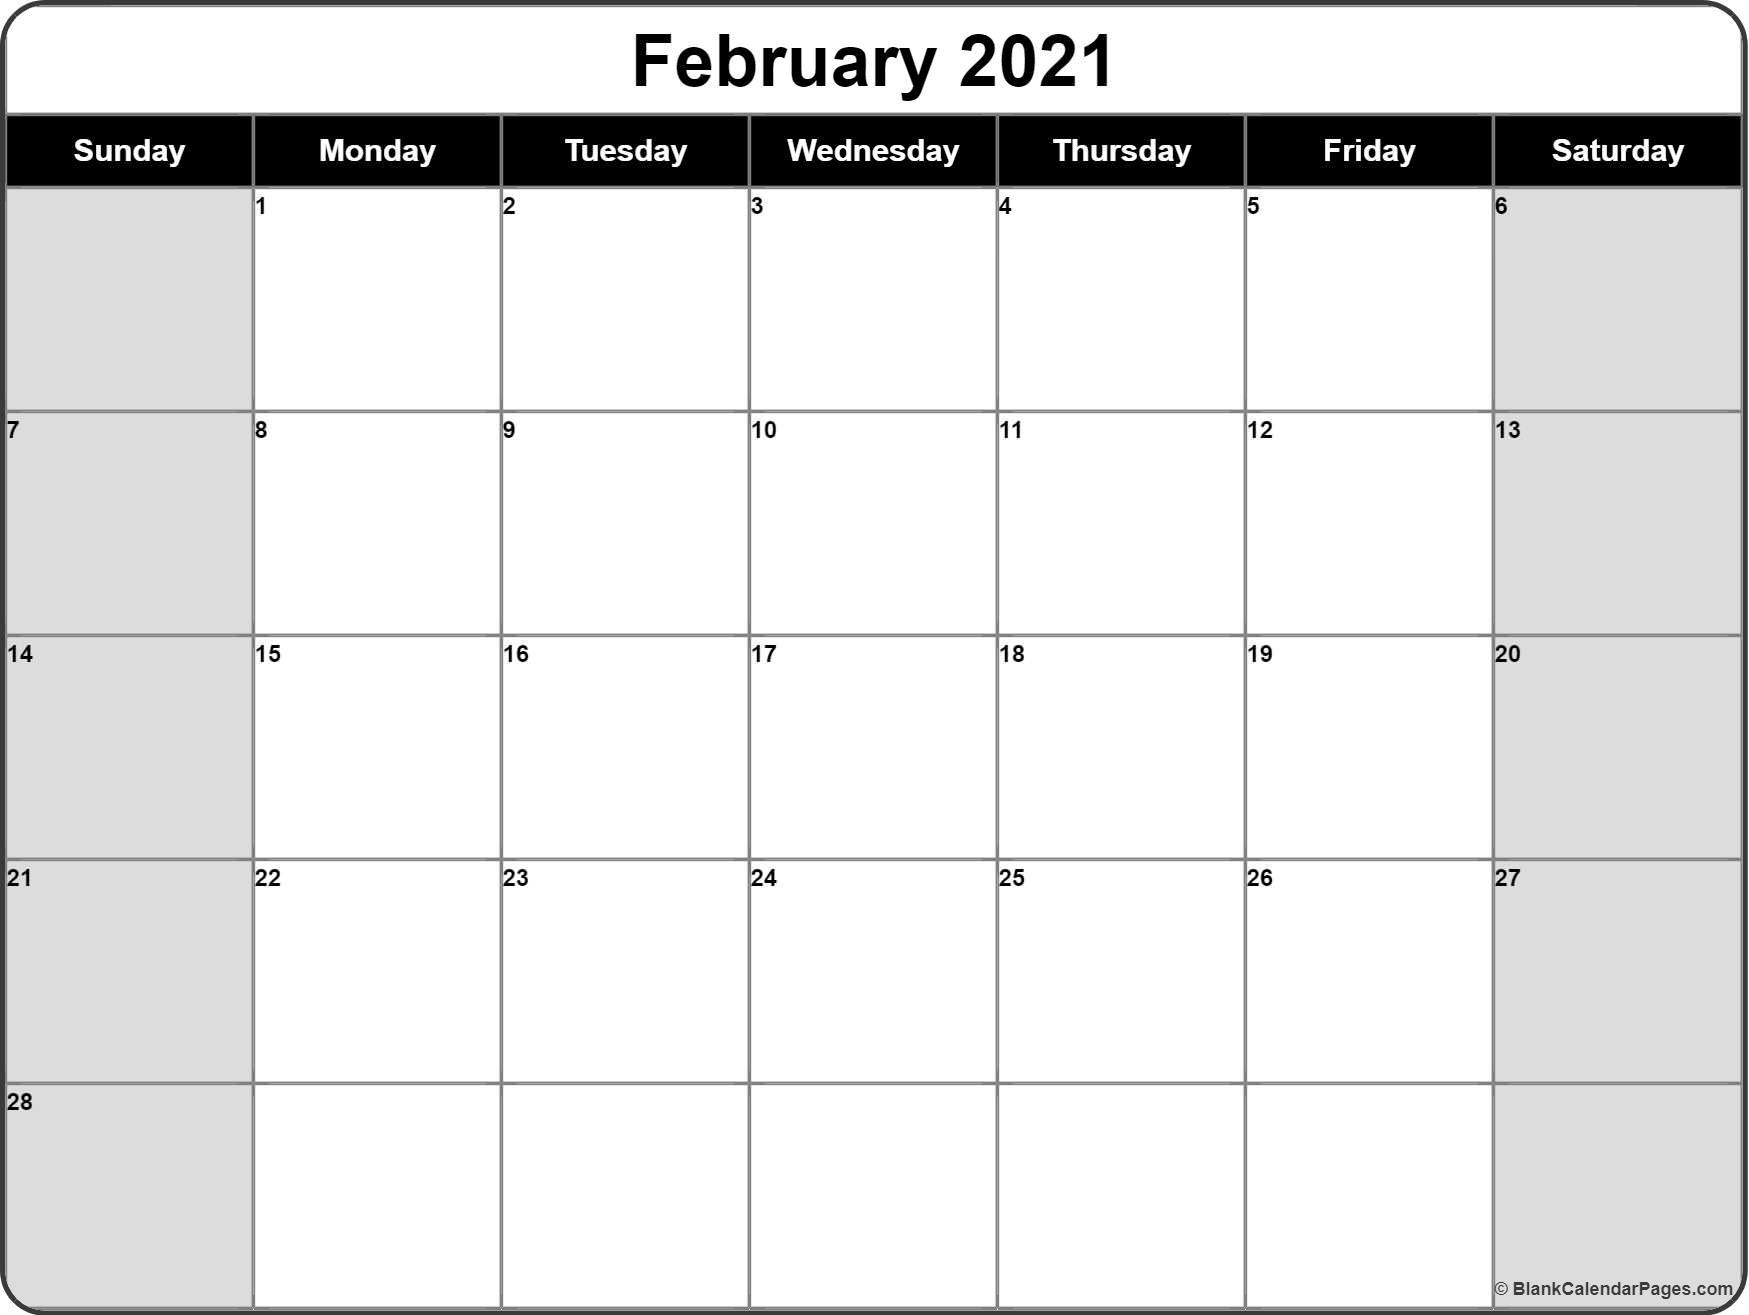 February 2021 Calendar | Free Printable Calendar Templates